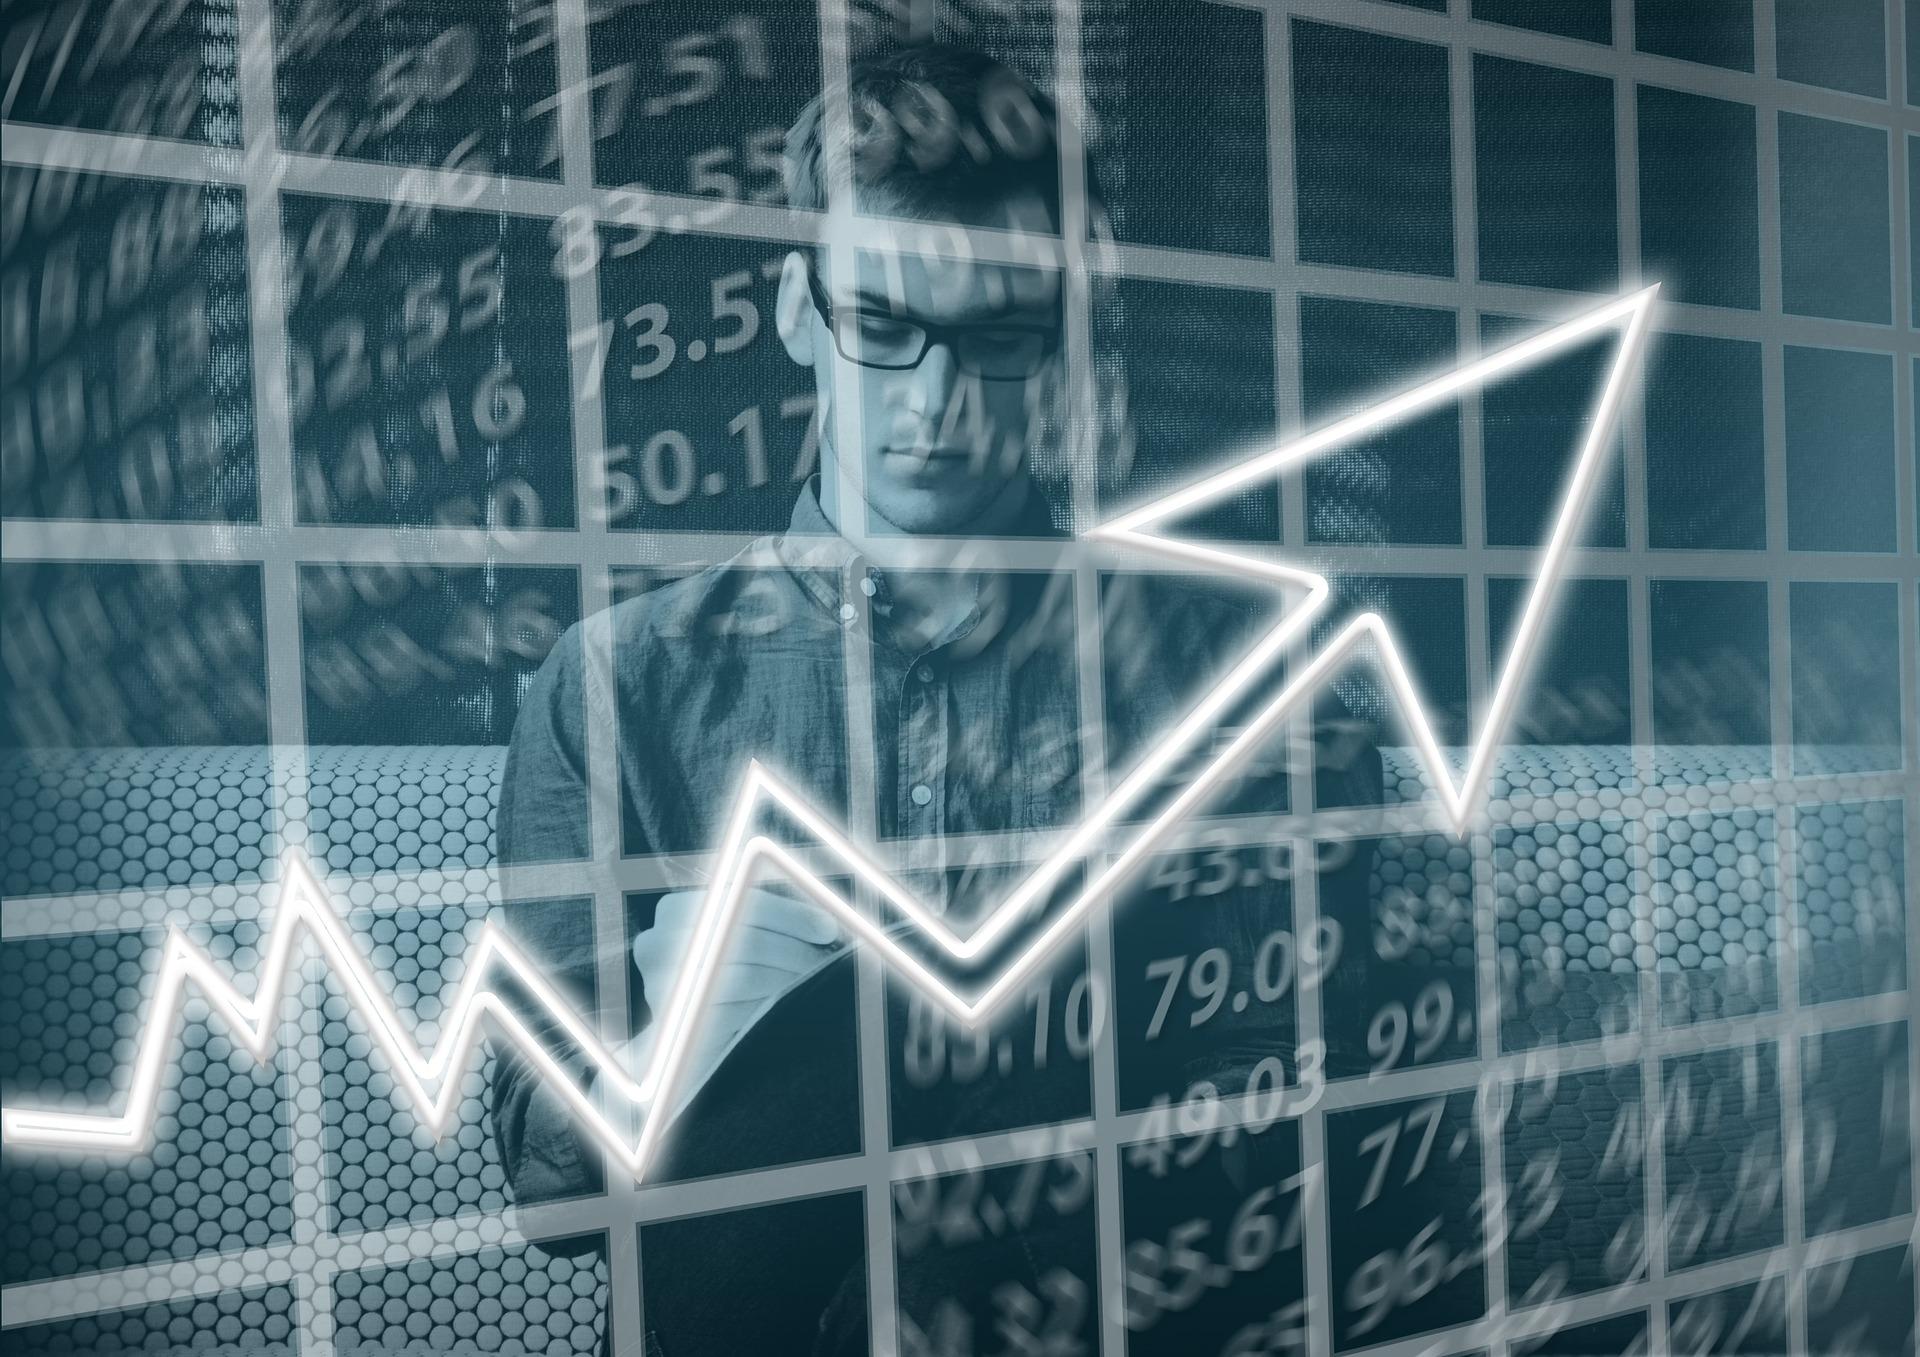 מניות הביטוח עלו בחודש אוקטובר ב-10% בממוצע, מגדל עלתה ב-20.8%